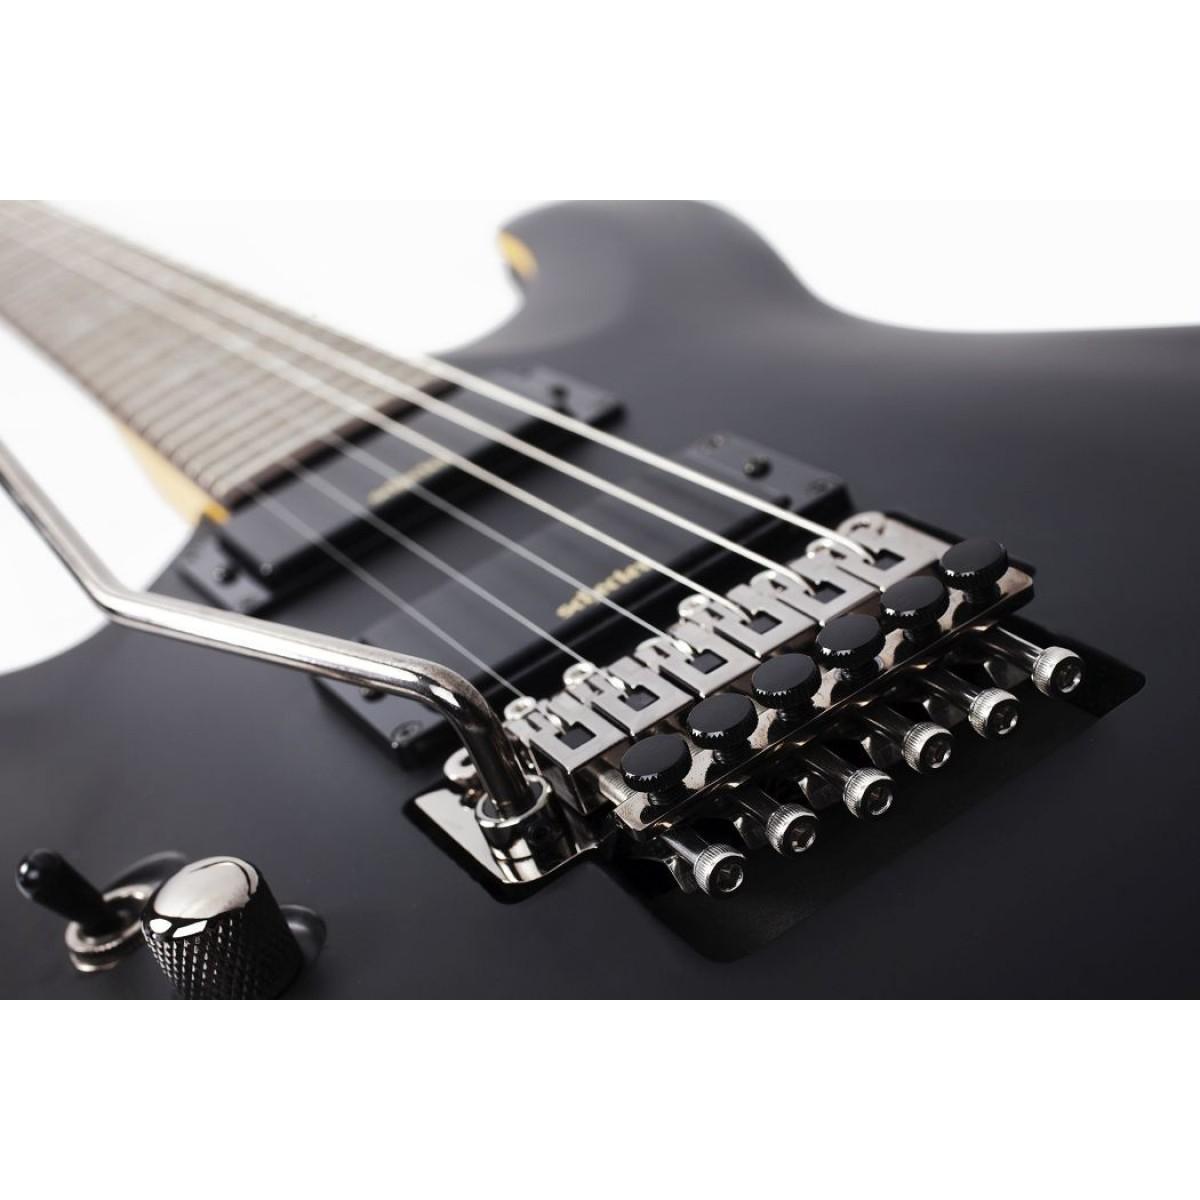 schecter sch3666 demon 6 fr left handed absn electric guitar. Black Bedroom Furniture Sets. Home Design Ideas